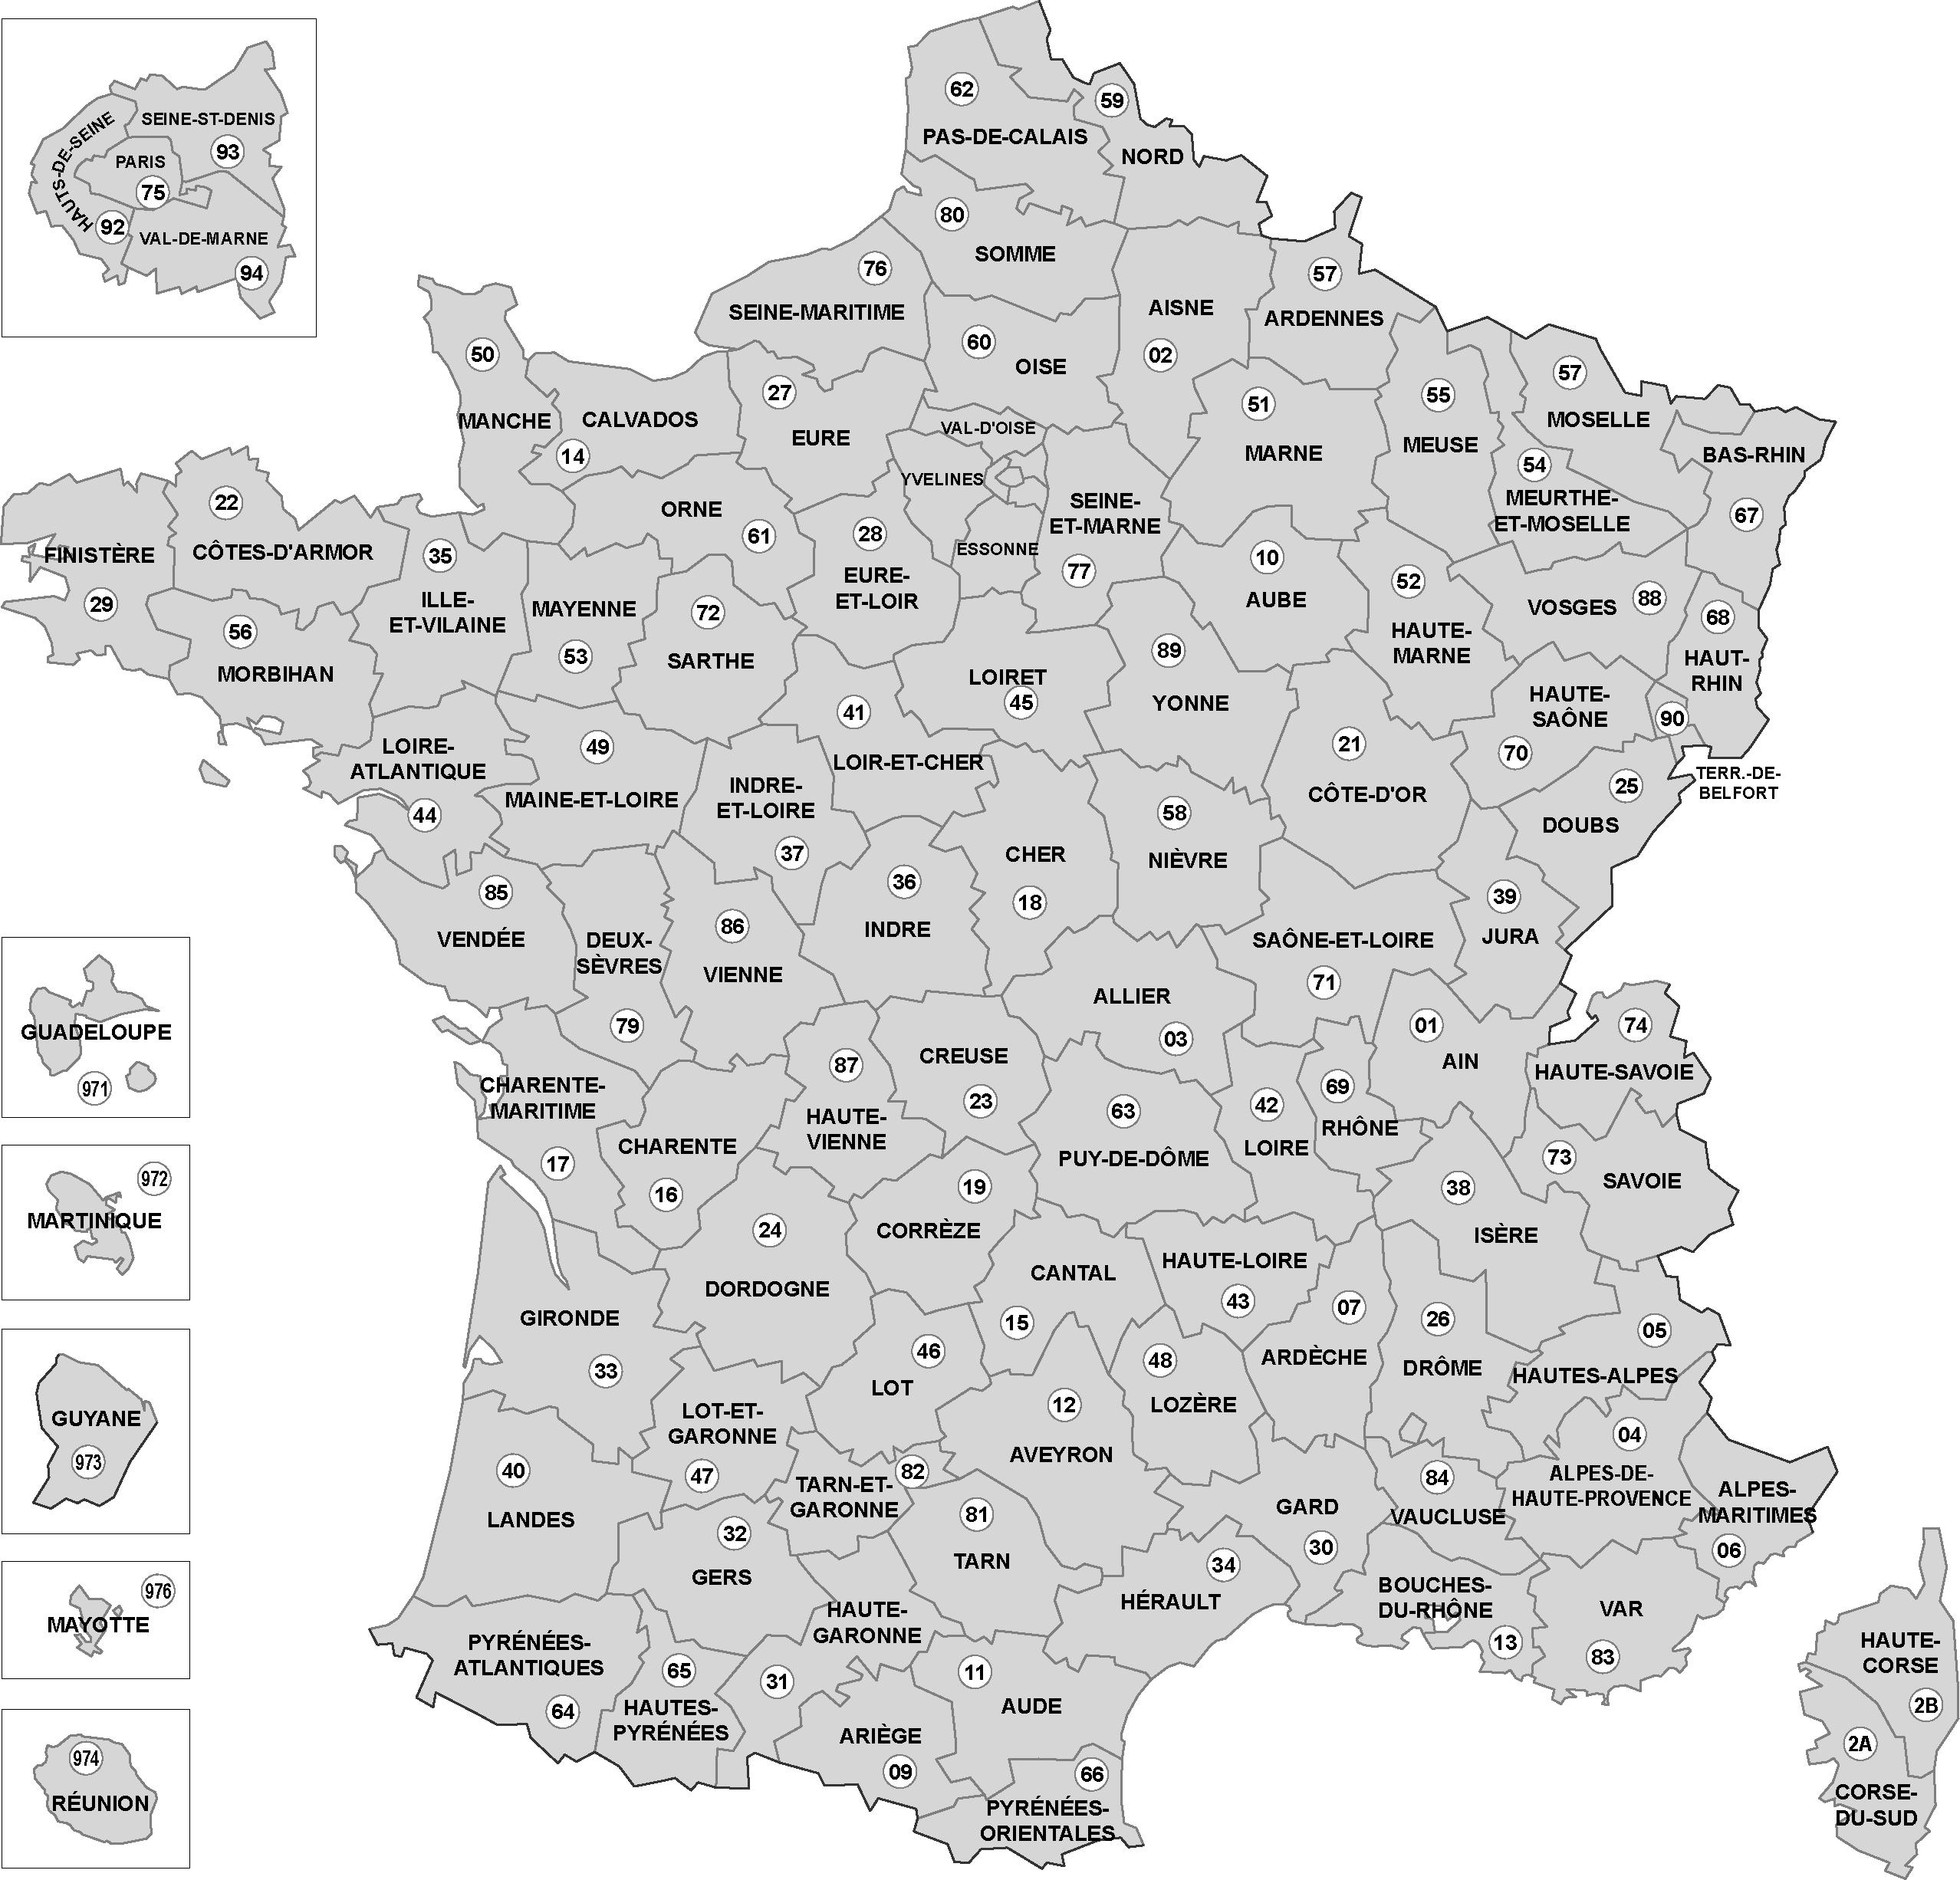 Carte France Département Png 3 » Png Image destiné La Carte France Departement